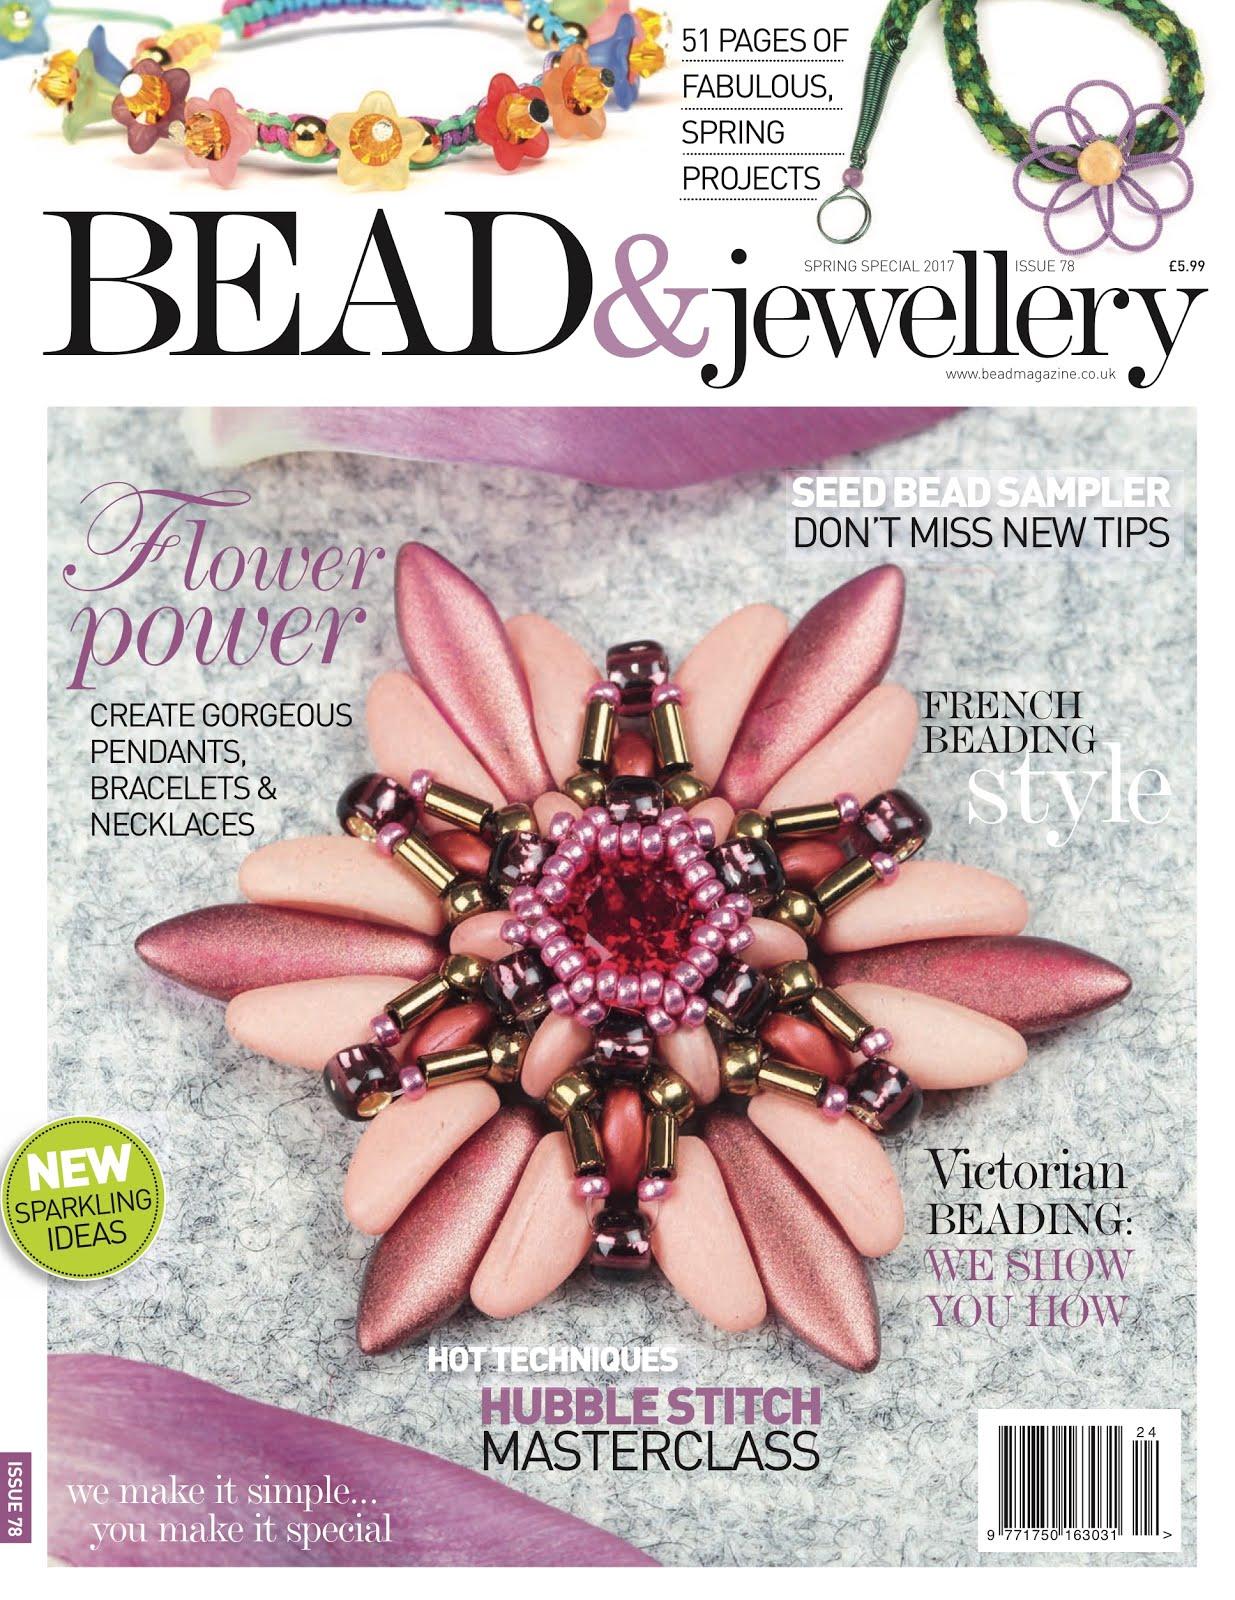 Bead & Jewellery #78